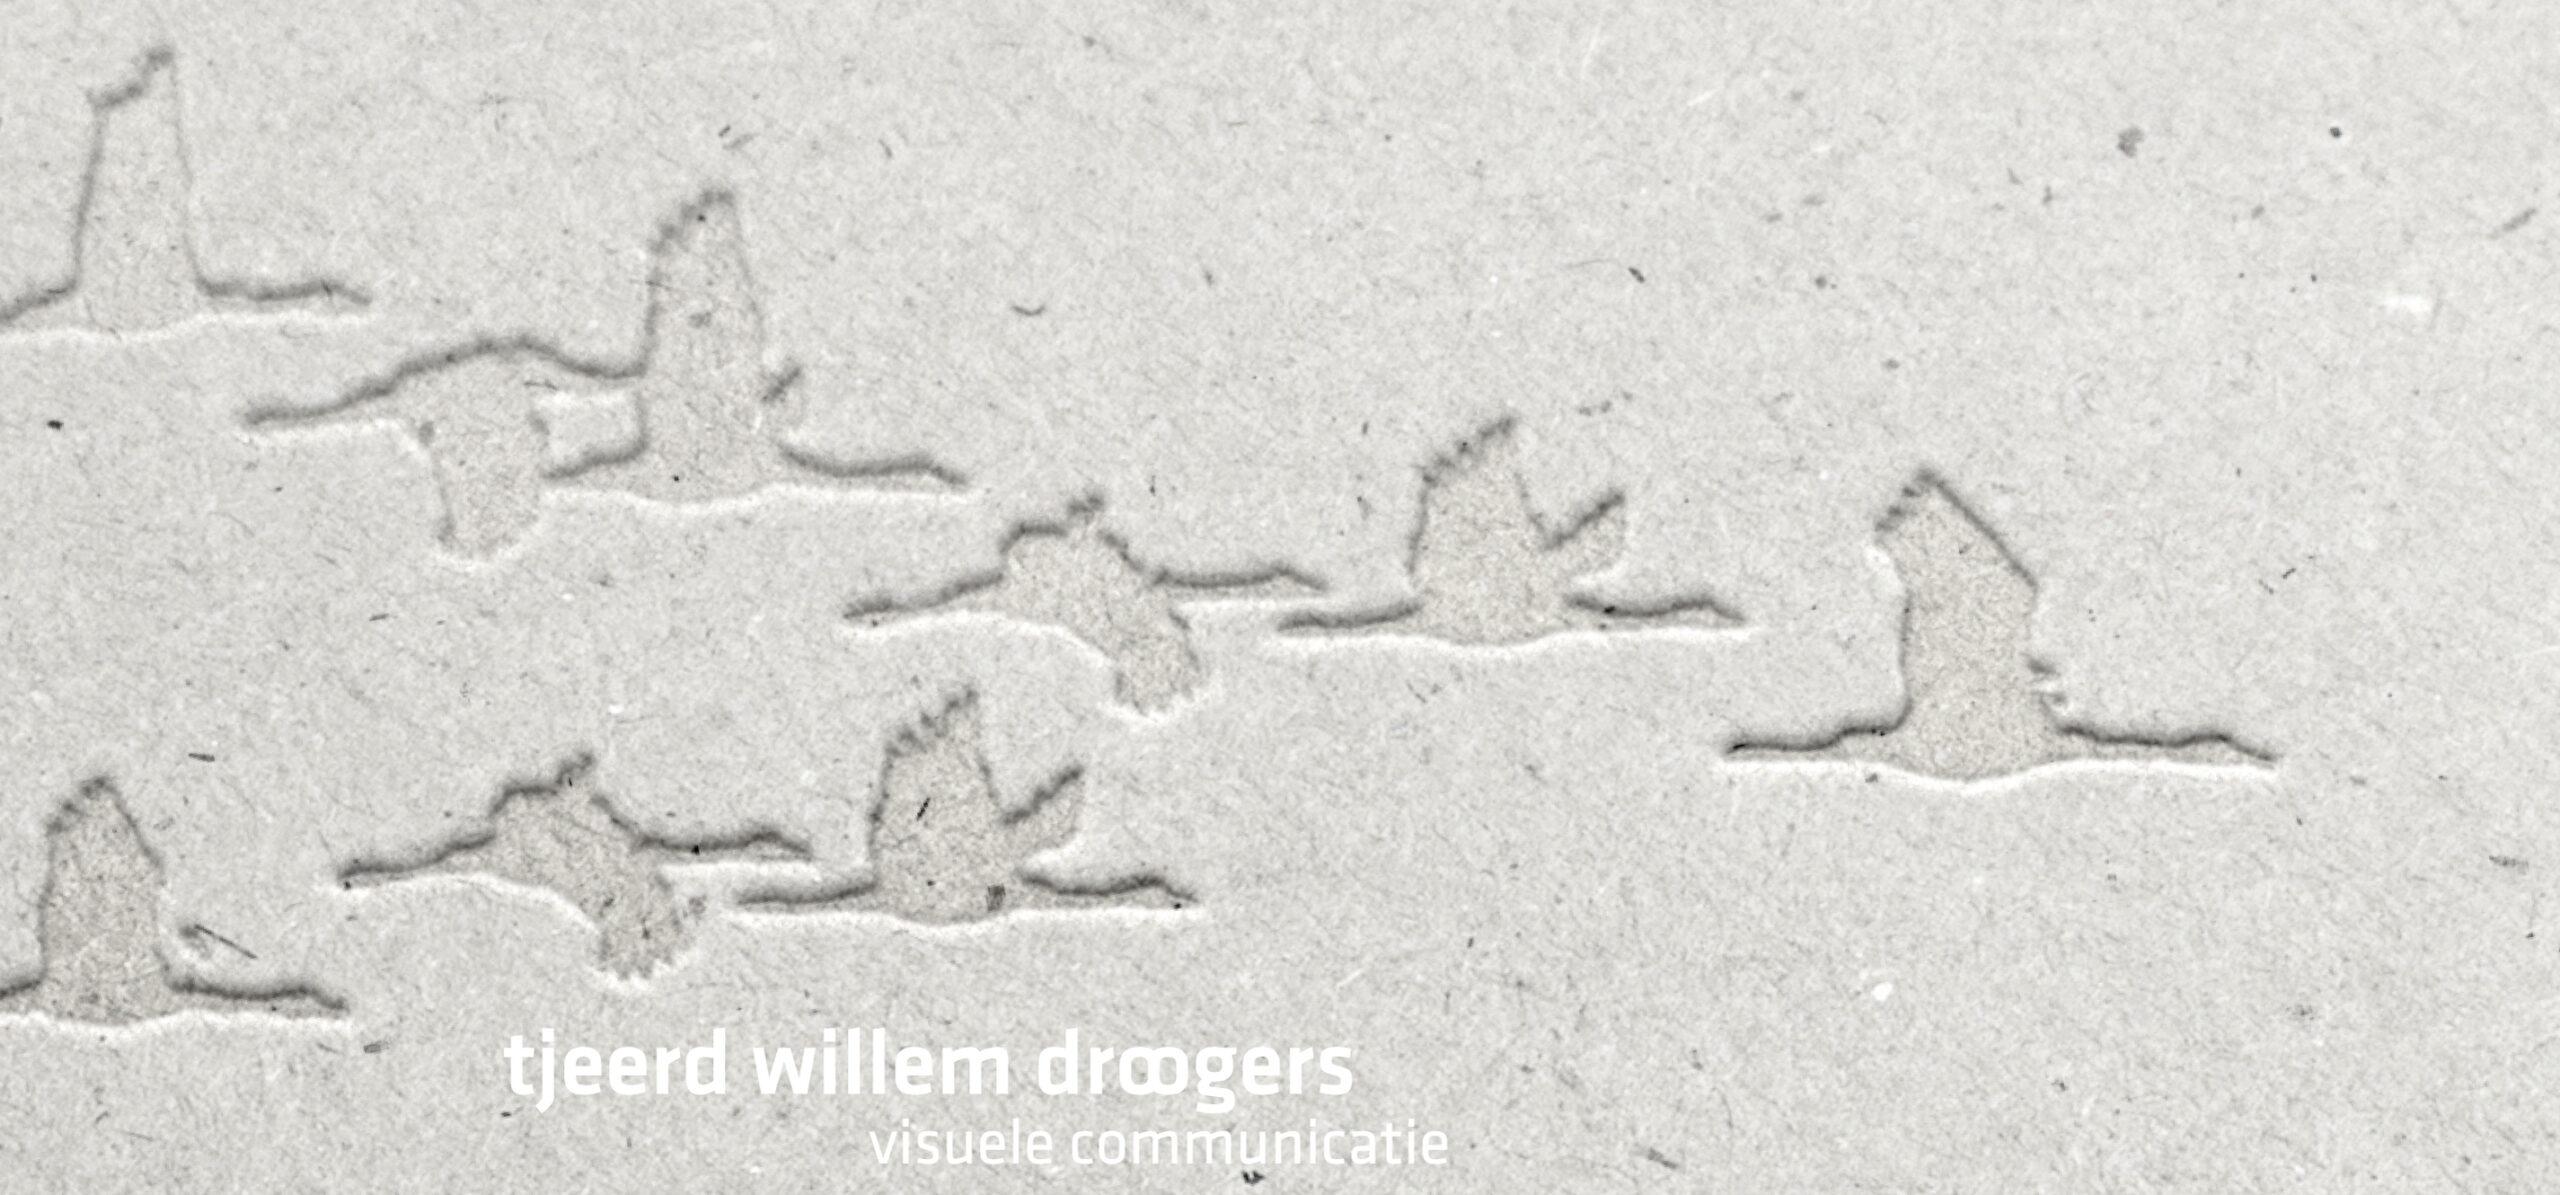 Tjeerd Willem Droogers visuele communicatie